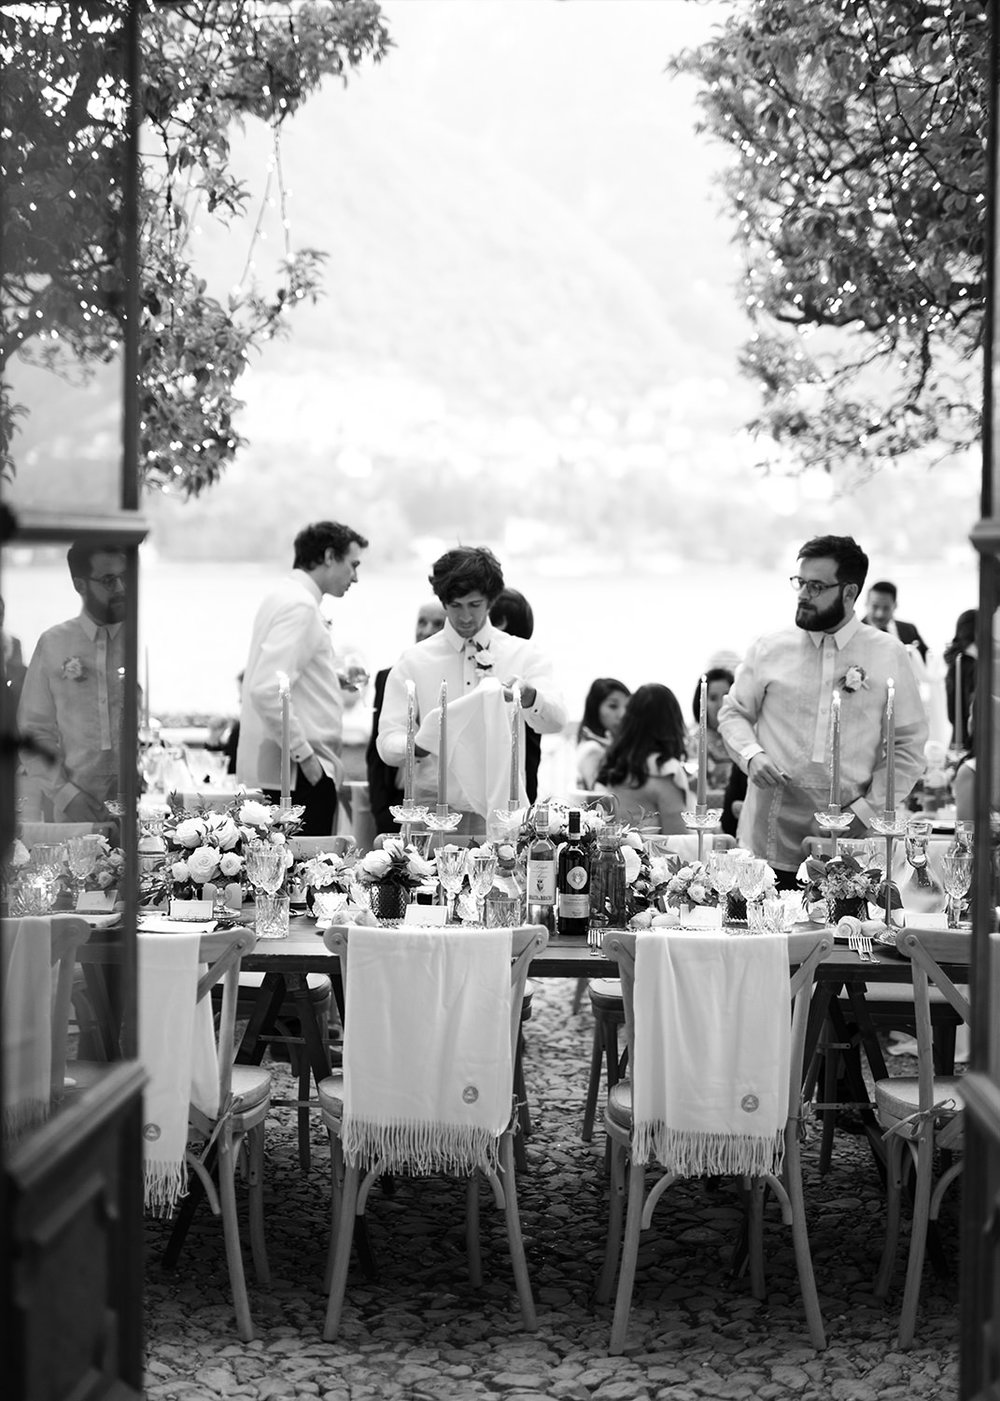 villa-regina-teodolinda-wedding-photographer-C&B-©bottega53-100.JPG